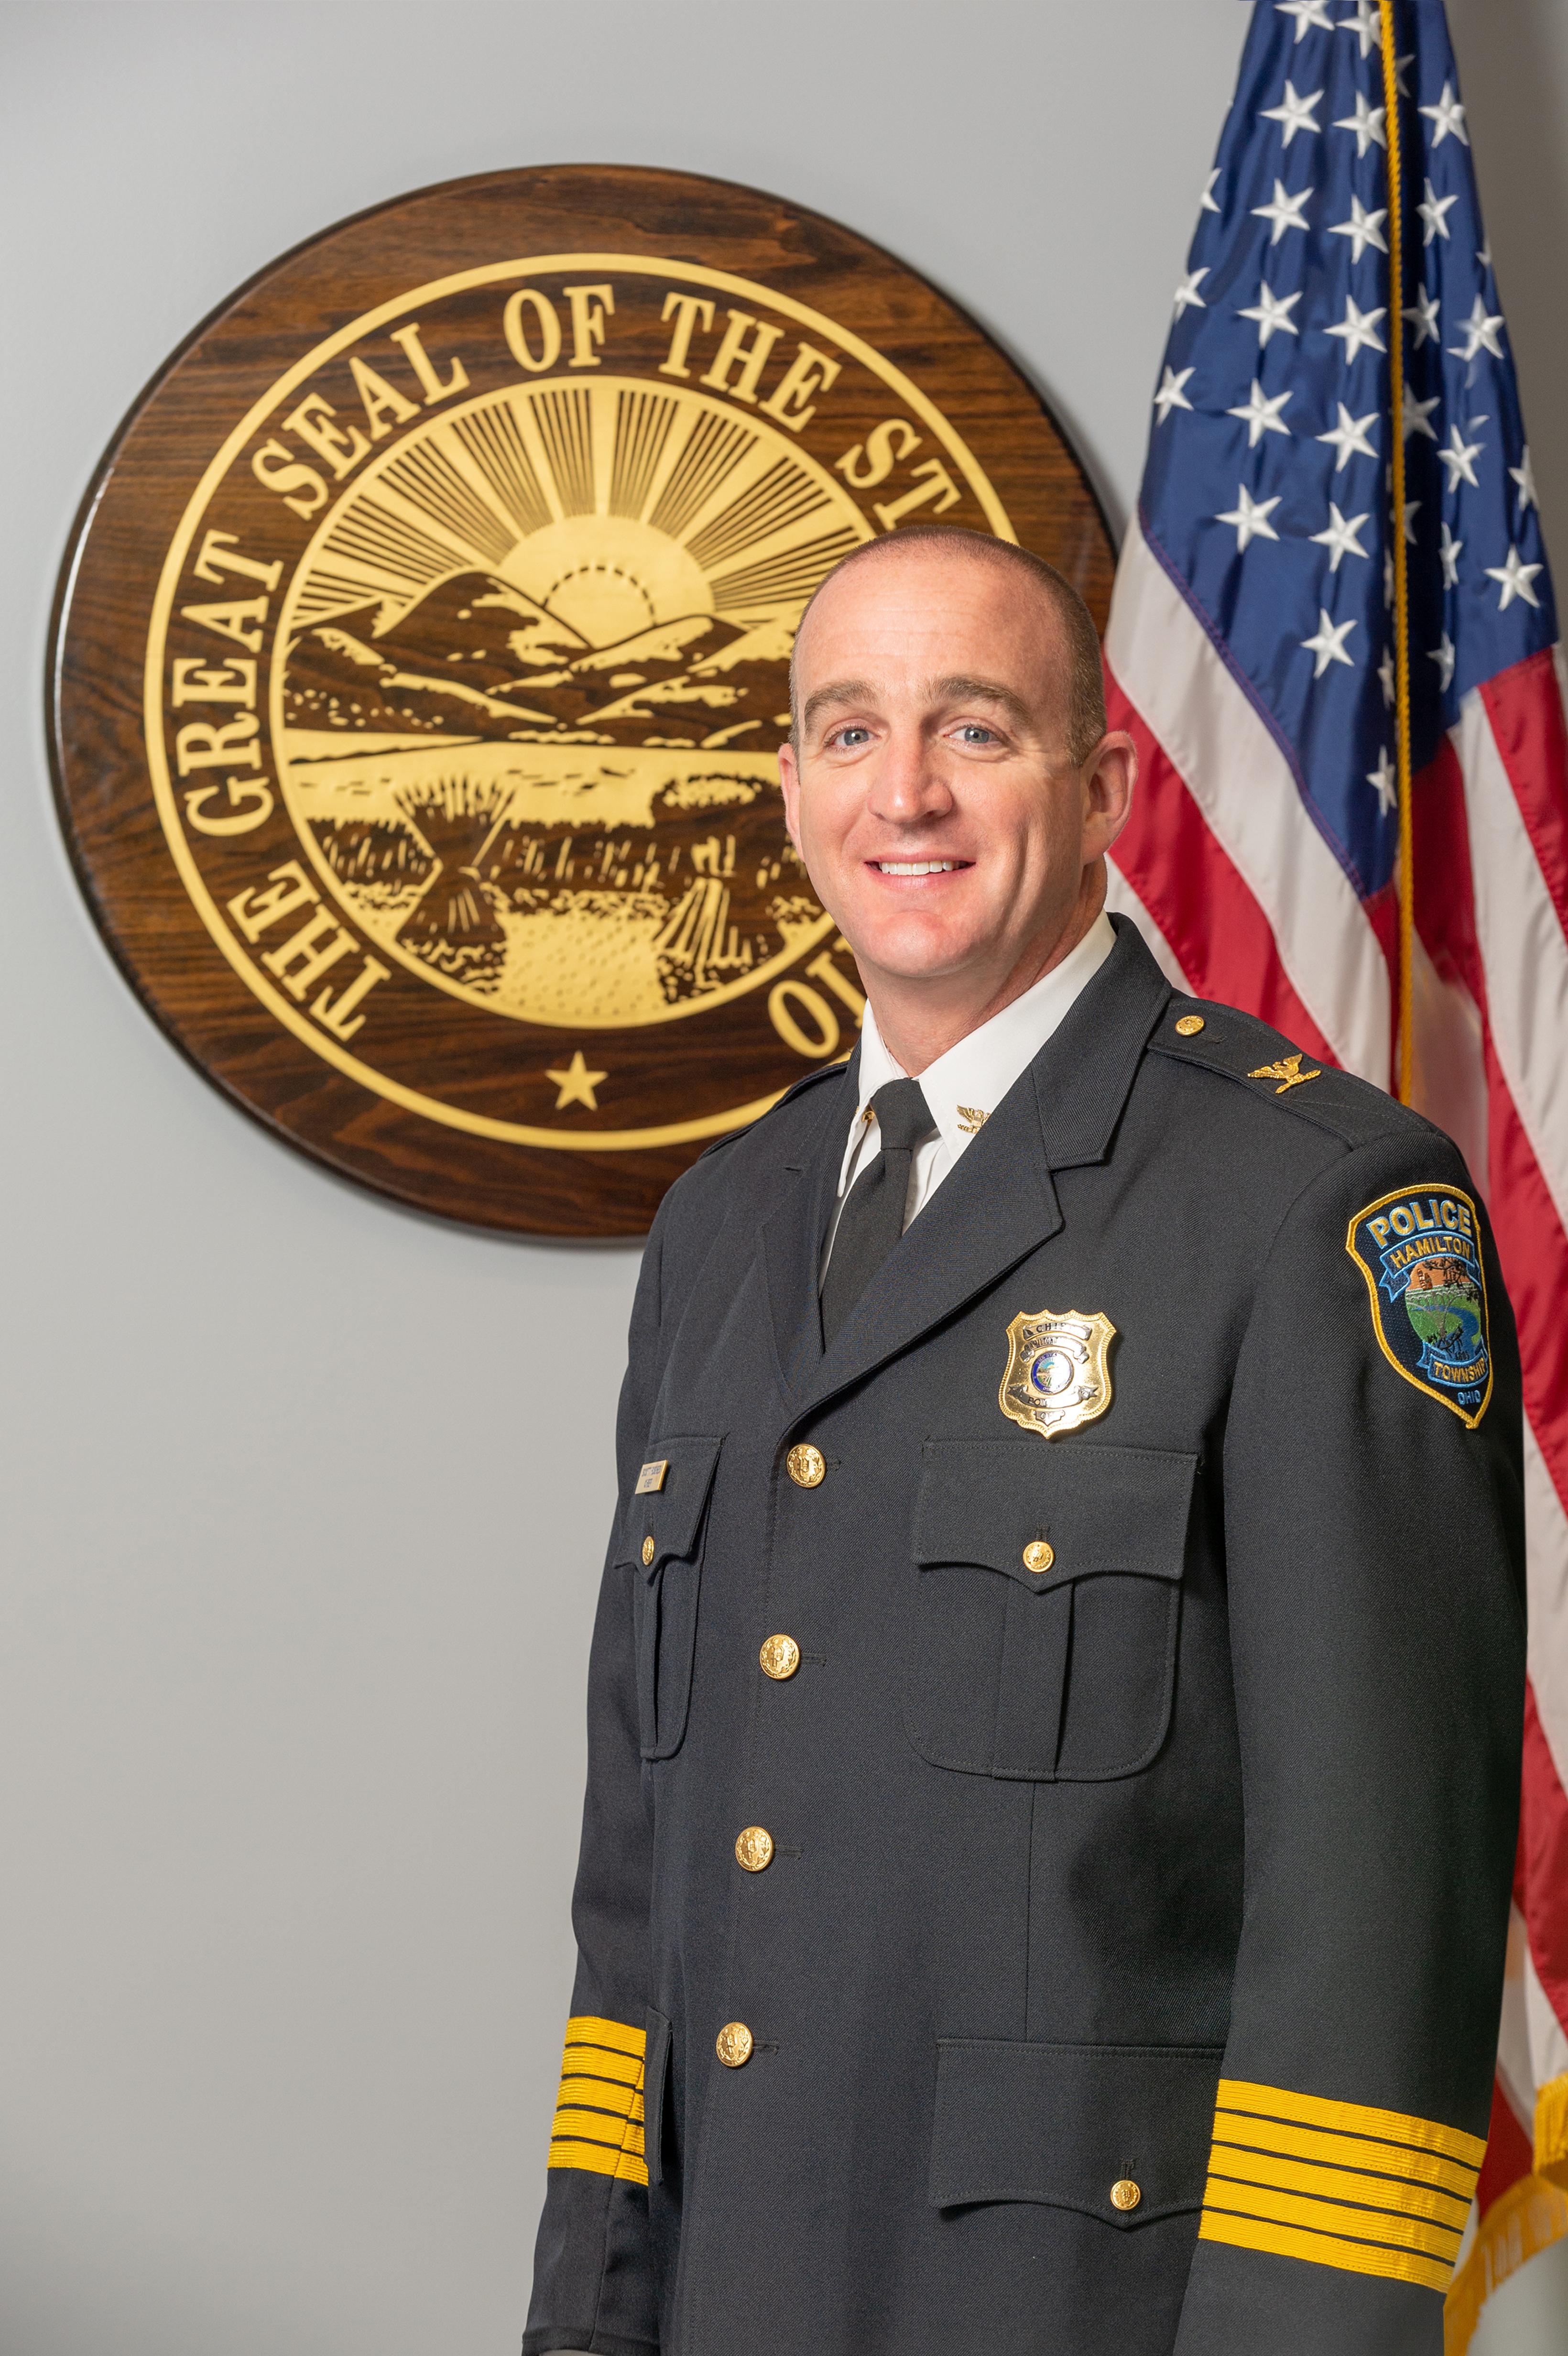 Police Chief Hughes